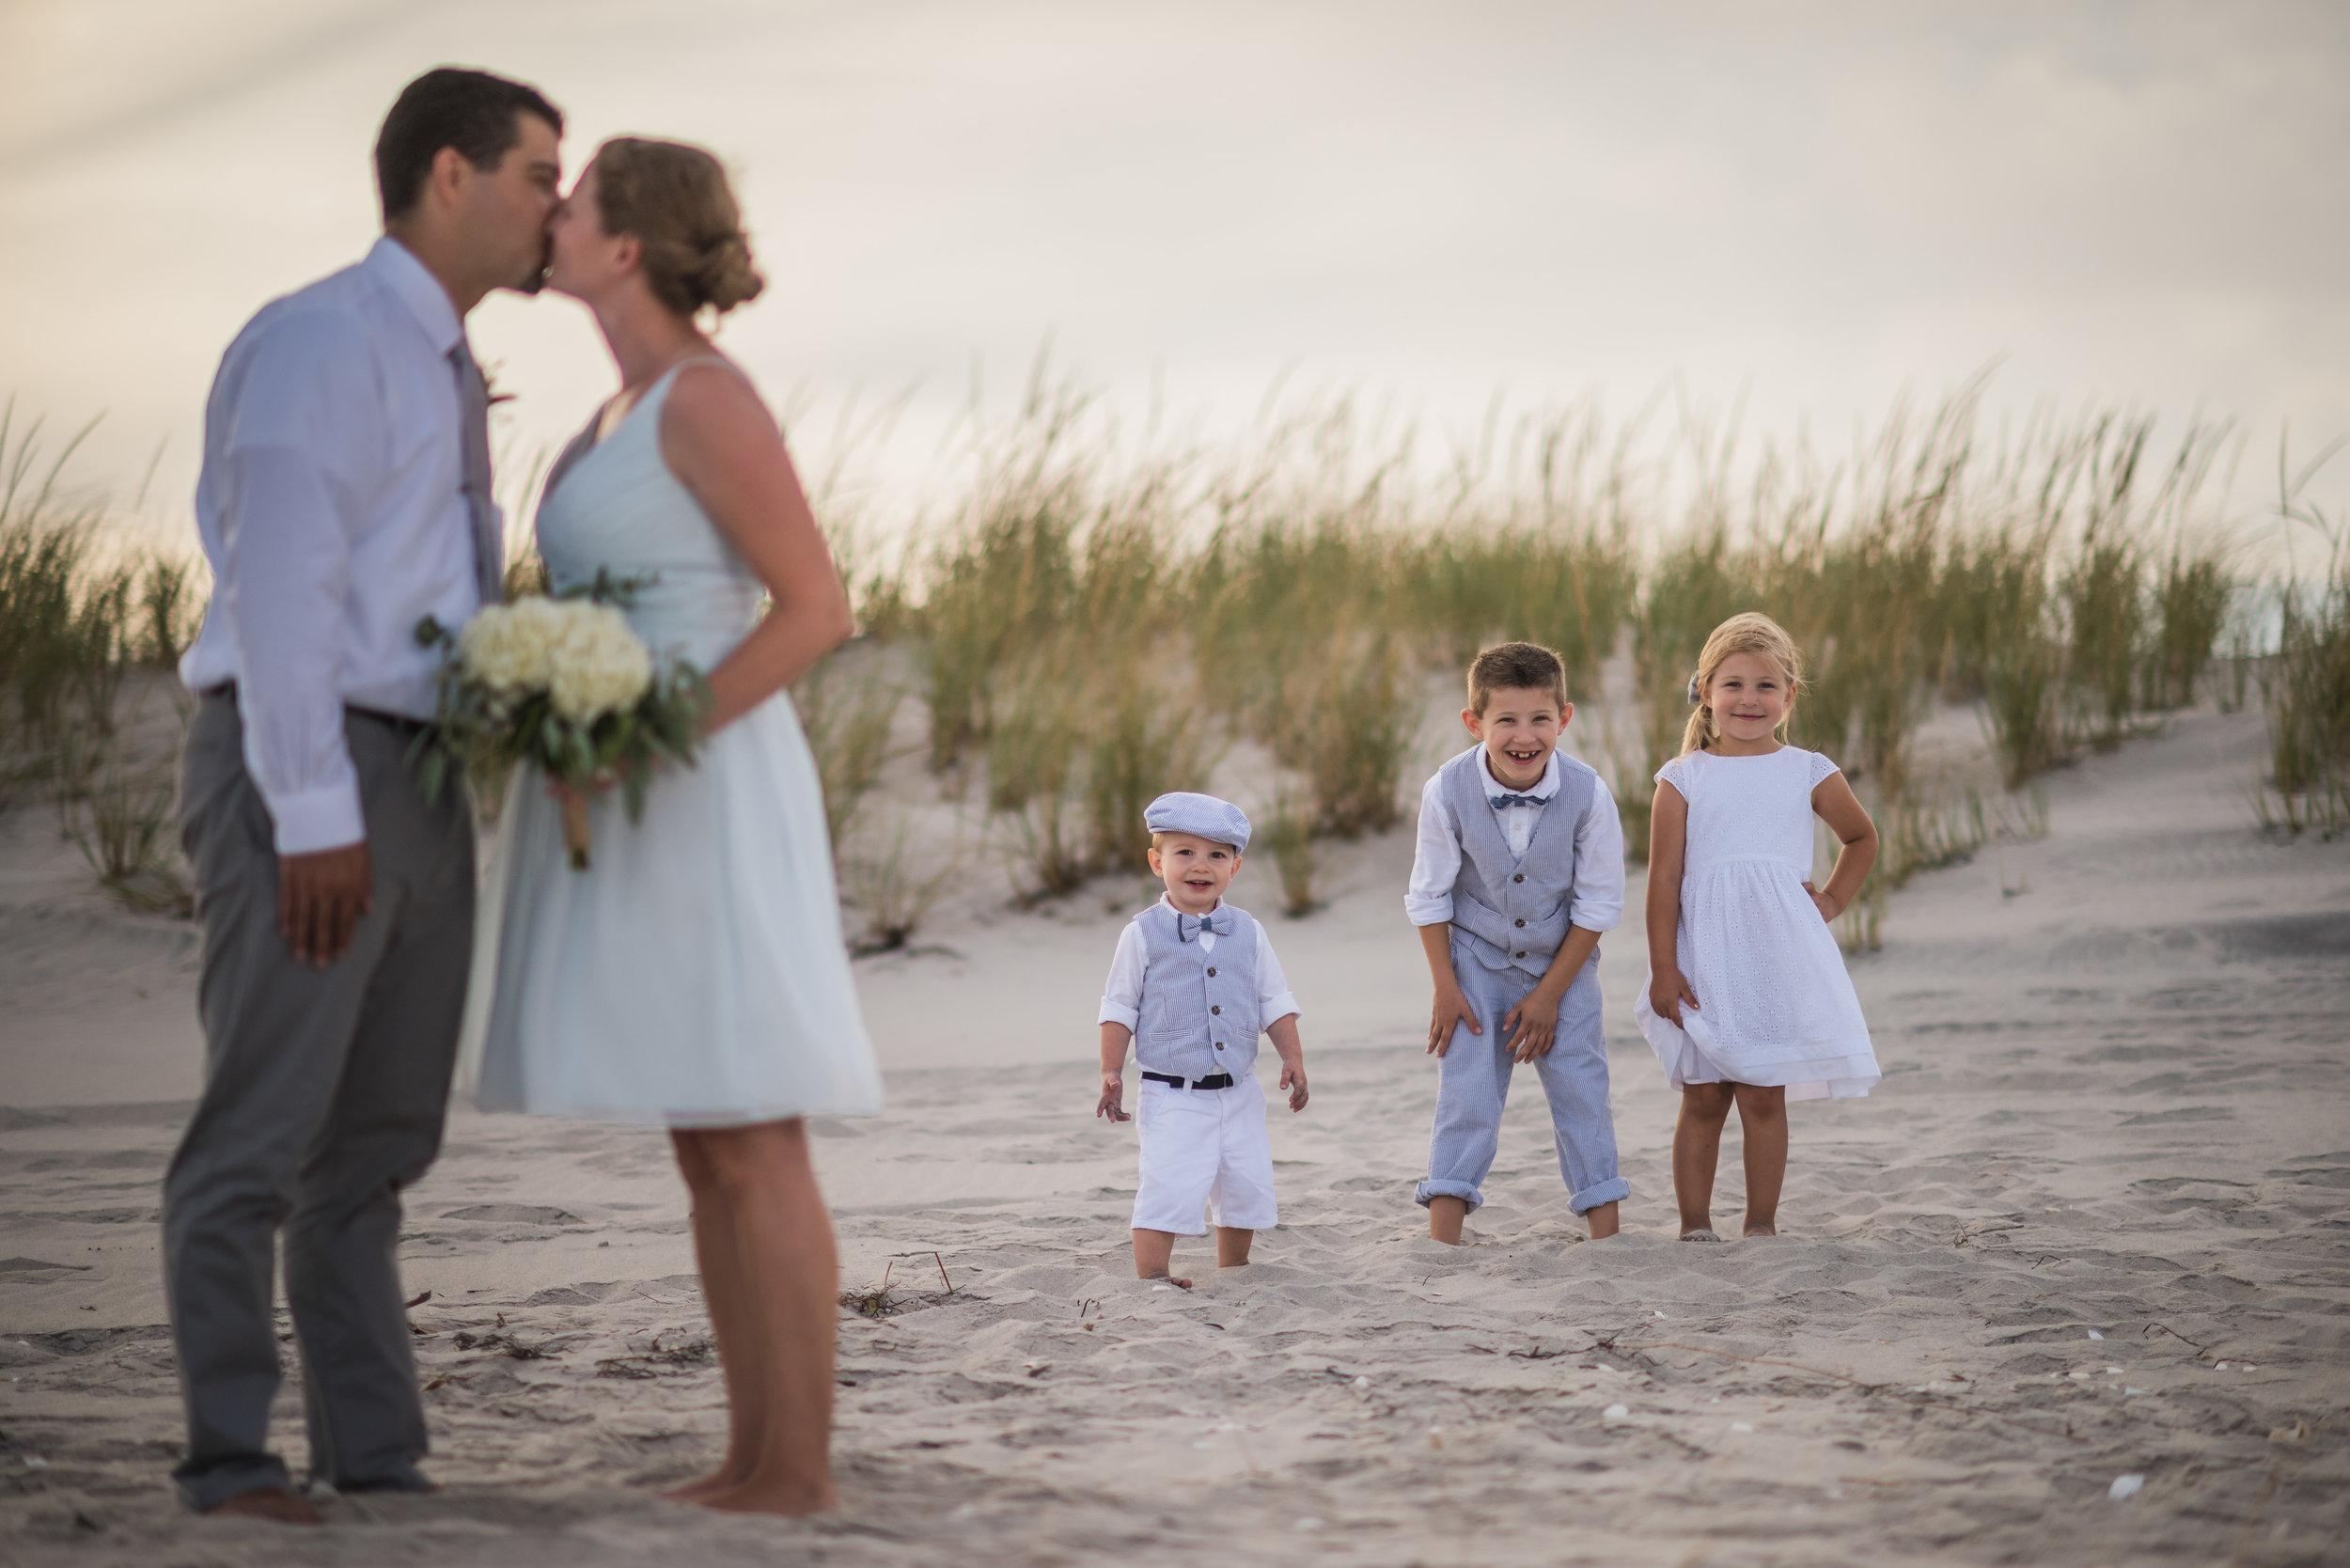 Long Beach Island Wedding Vow Photos Greg & Meagan 15